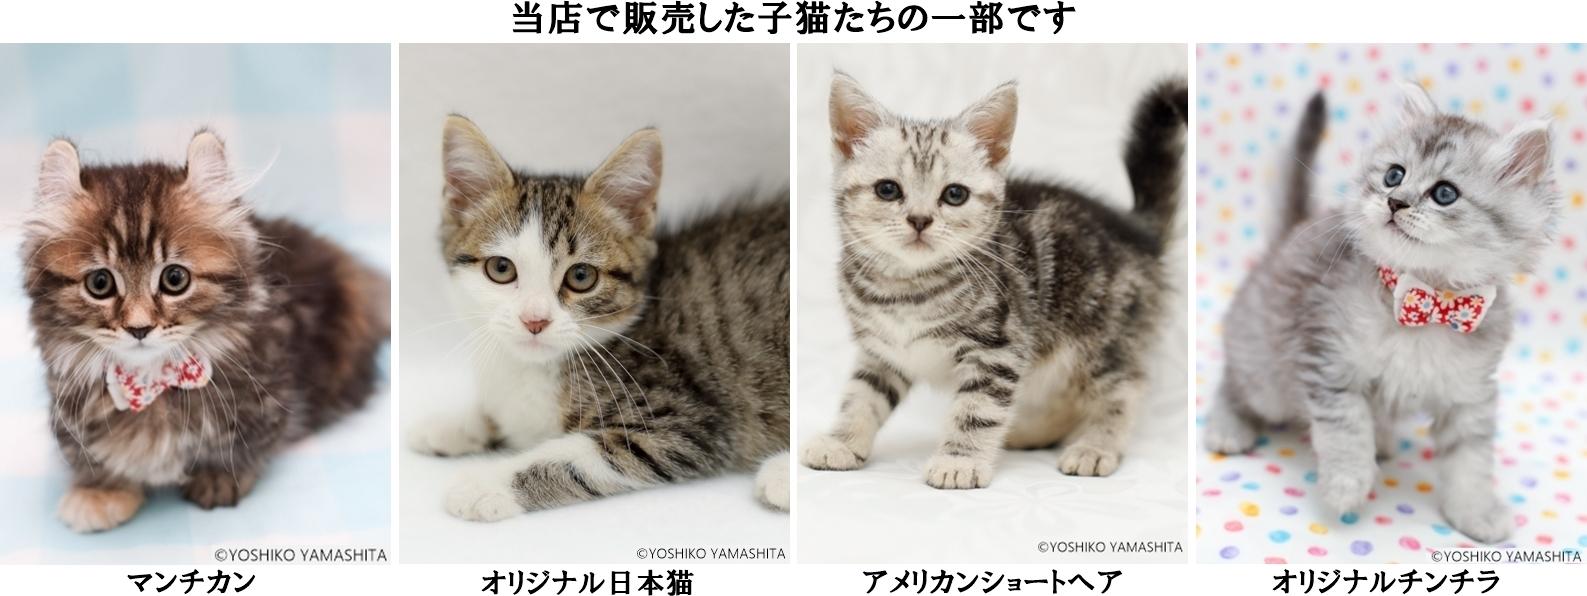 販売した子猫